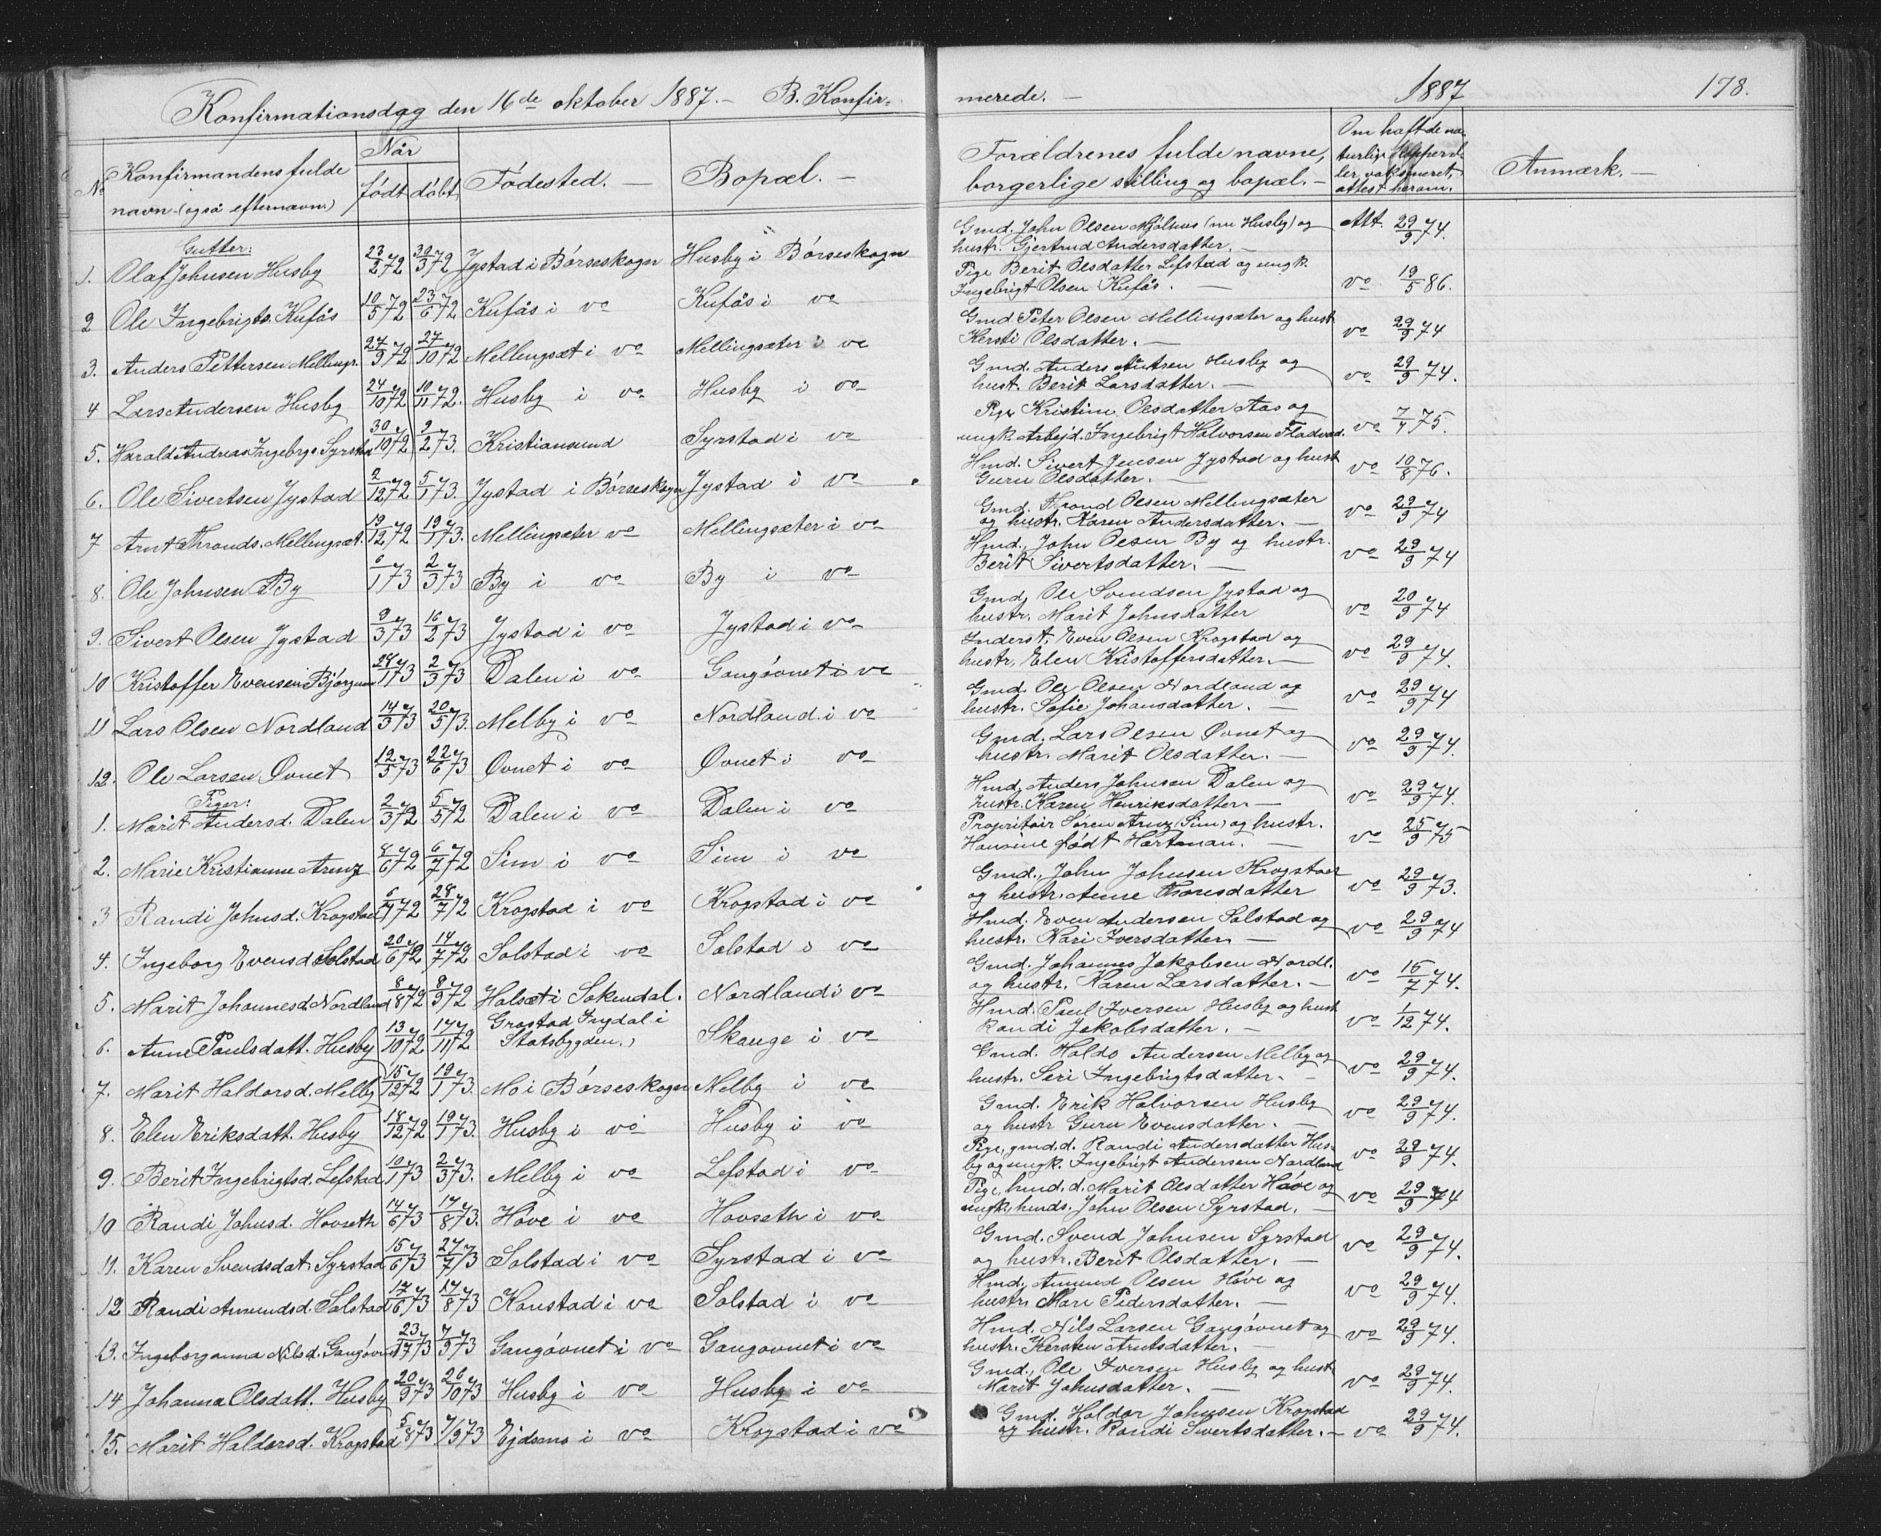 SAT, Ministerialprotokoller, klokkerbøker og fødselsregistre - Sør-Trøndelag, 667/L0798: Klokkerbok nr. 667C03, 1867-1929, s. 178